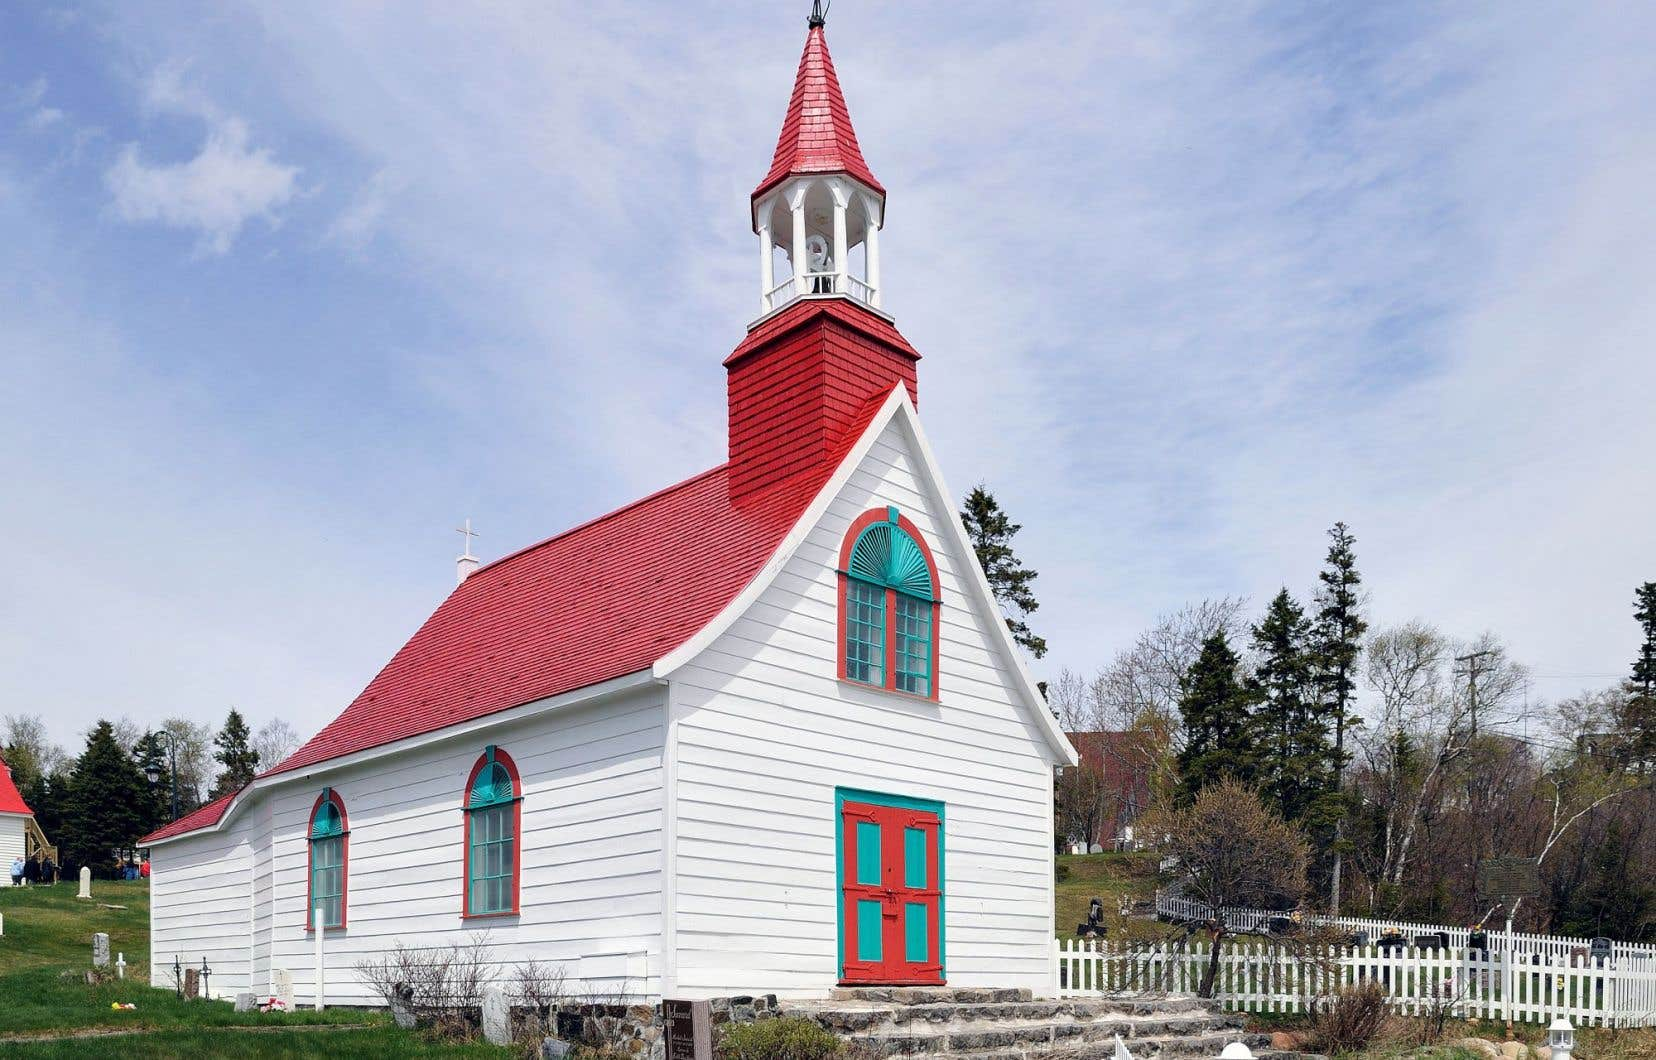 La chapelle de Tadoussac, construite entre1747 et1750, est la plus vieille église en bois d'Amérique du Nord.